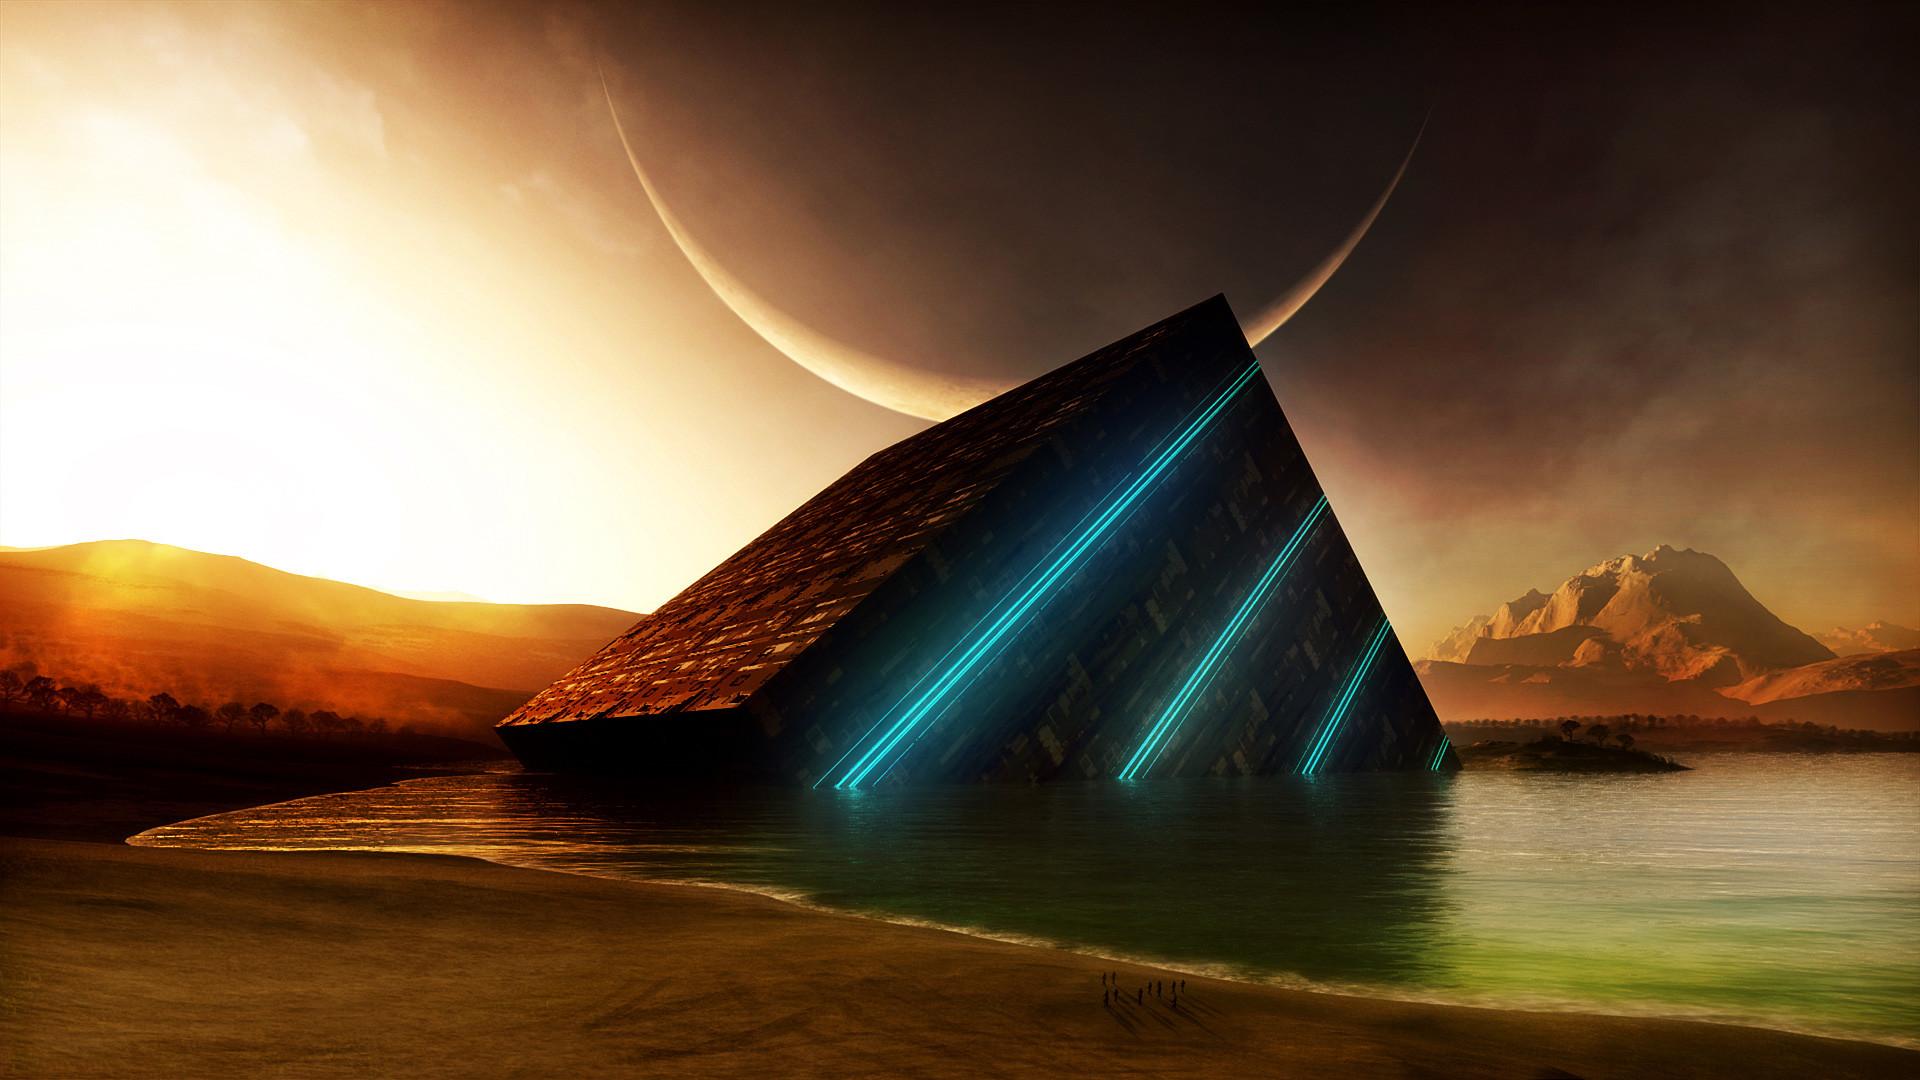 Explore and share Sci Fi Landscape Wallpaper HD on WallpaperSafari